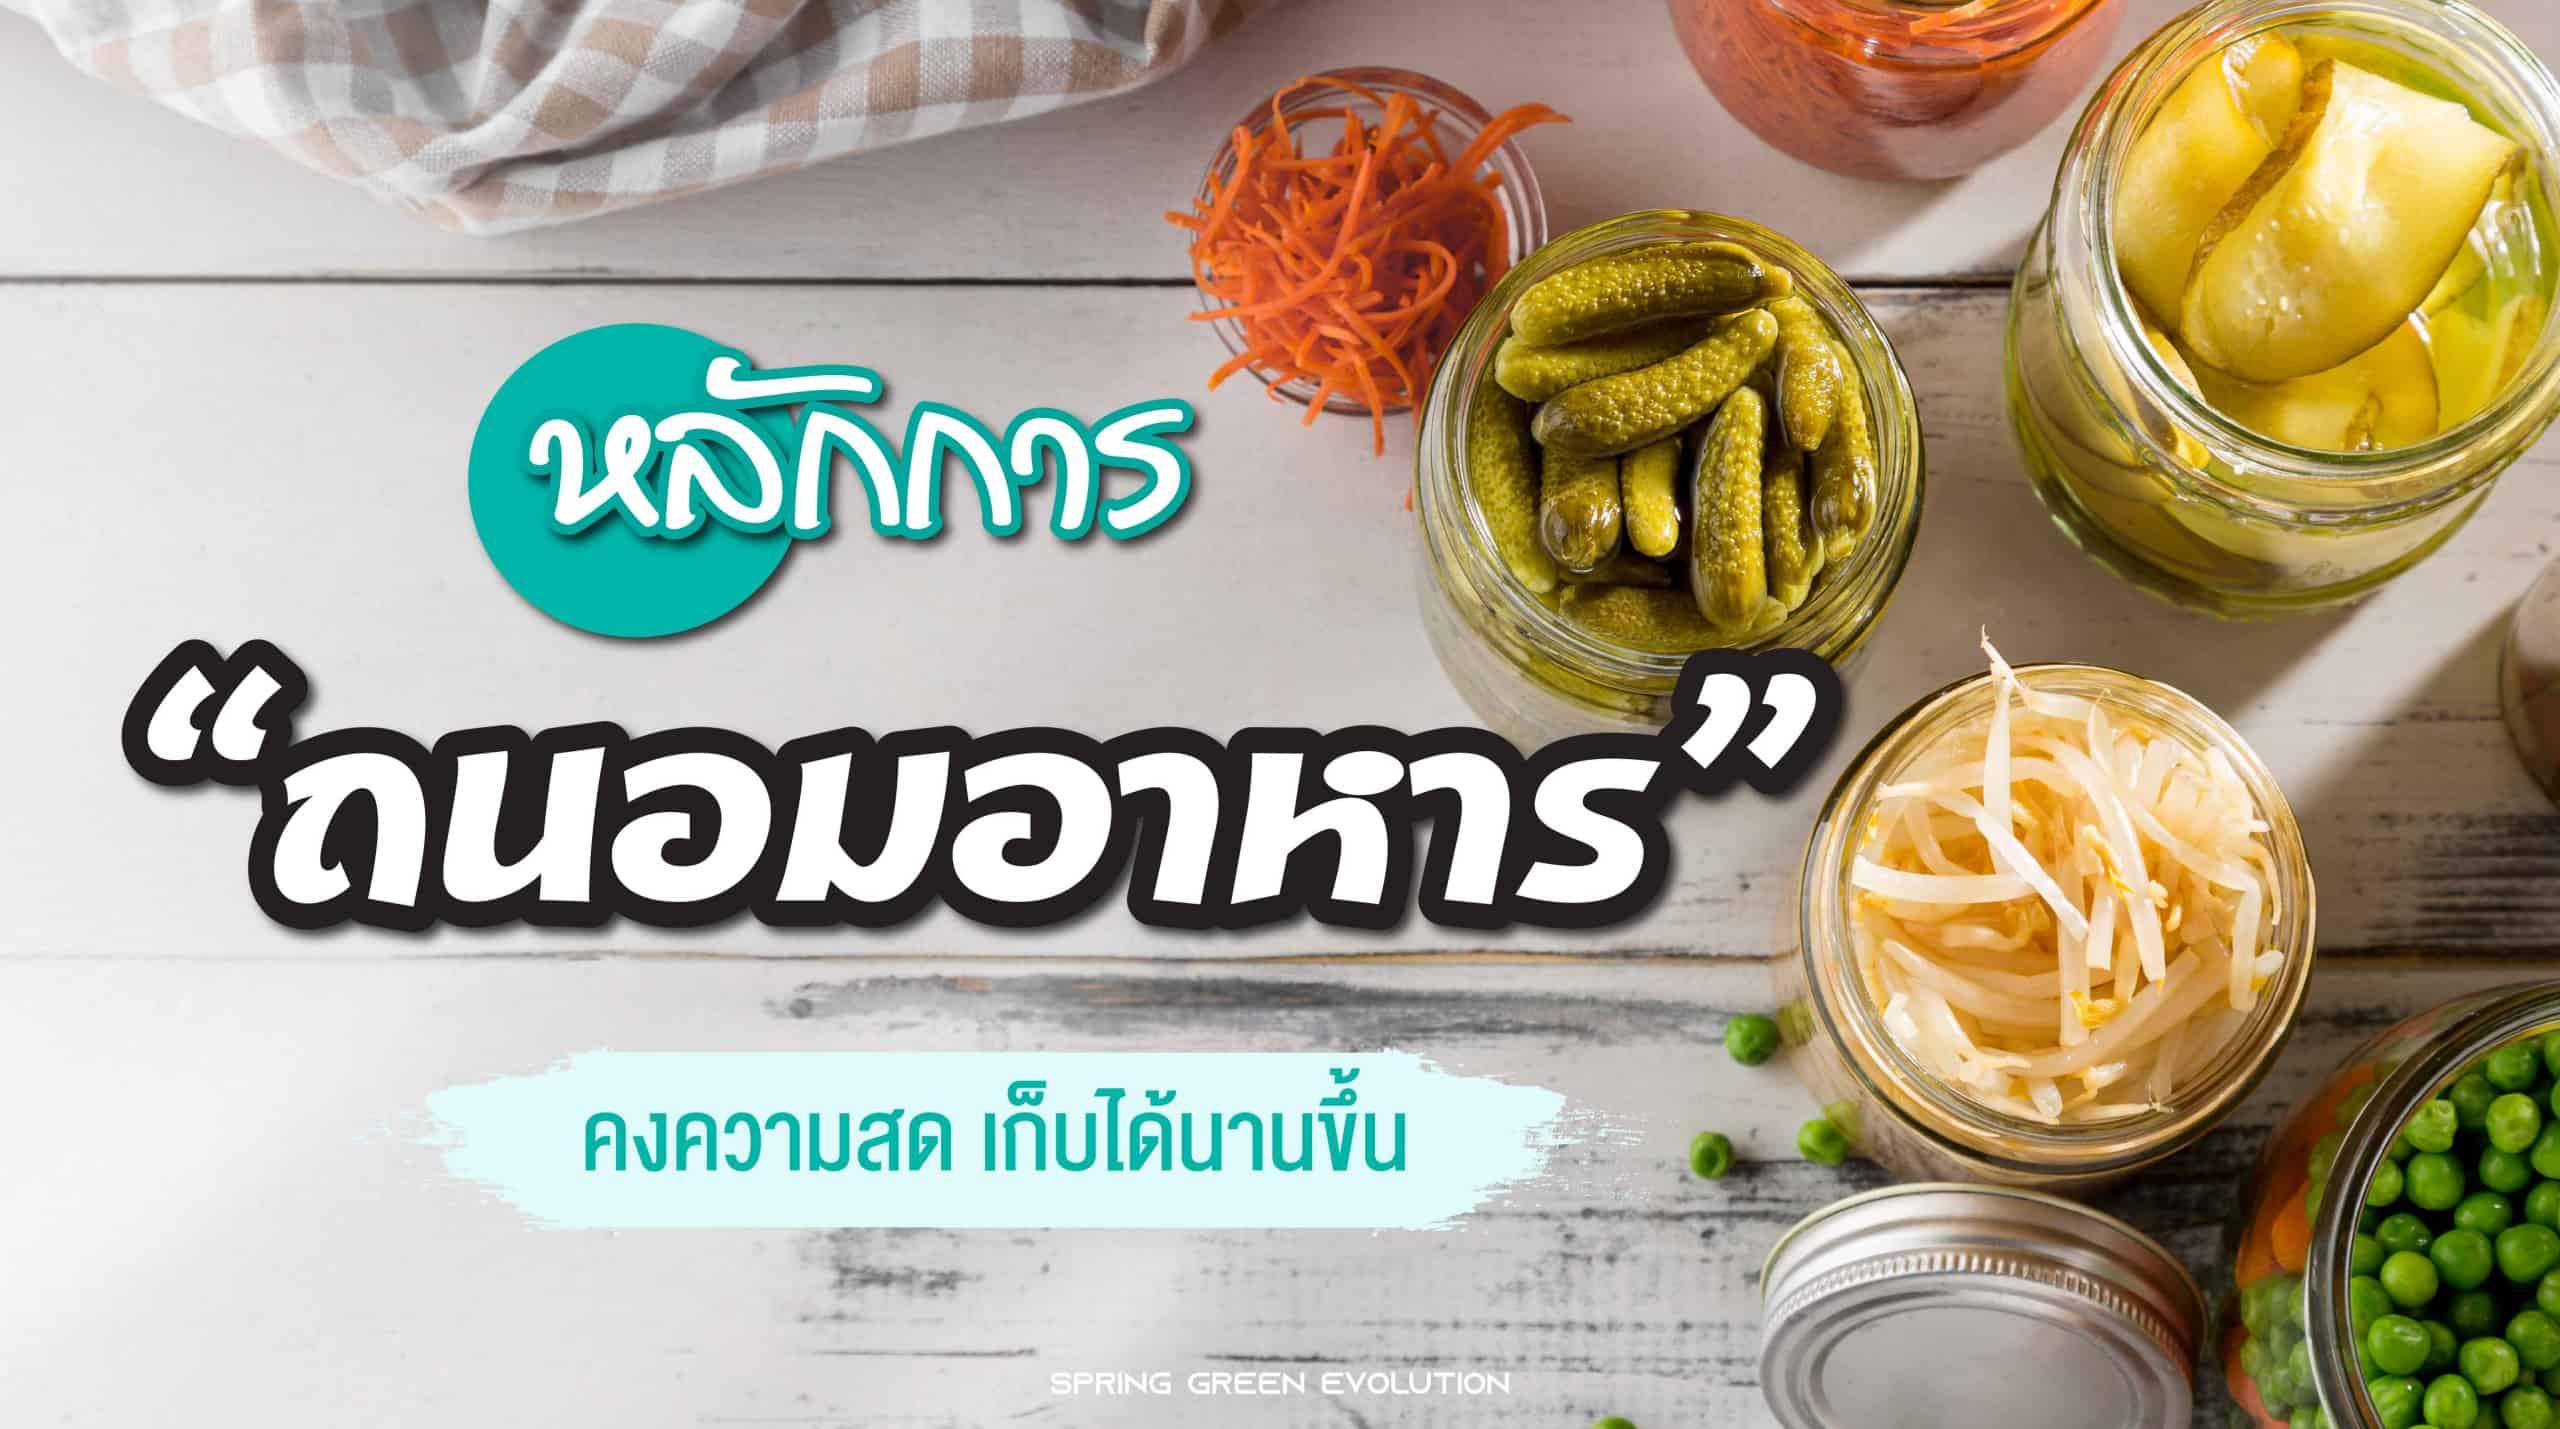 201118-Content-หลักการถนอมอาหารและเมนูถนอมอาหาร-01